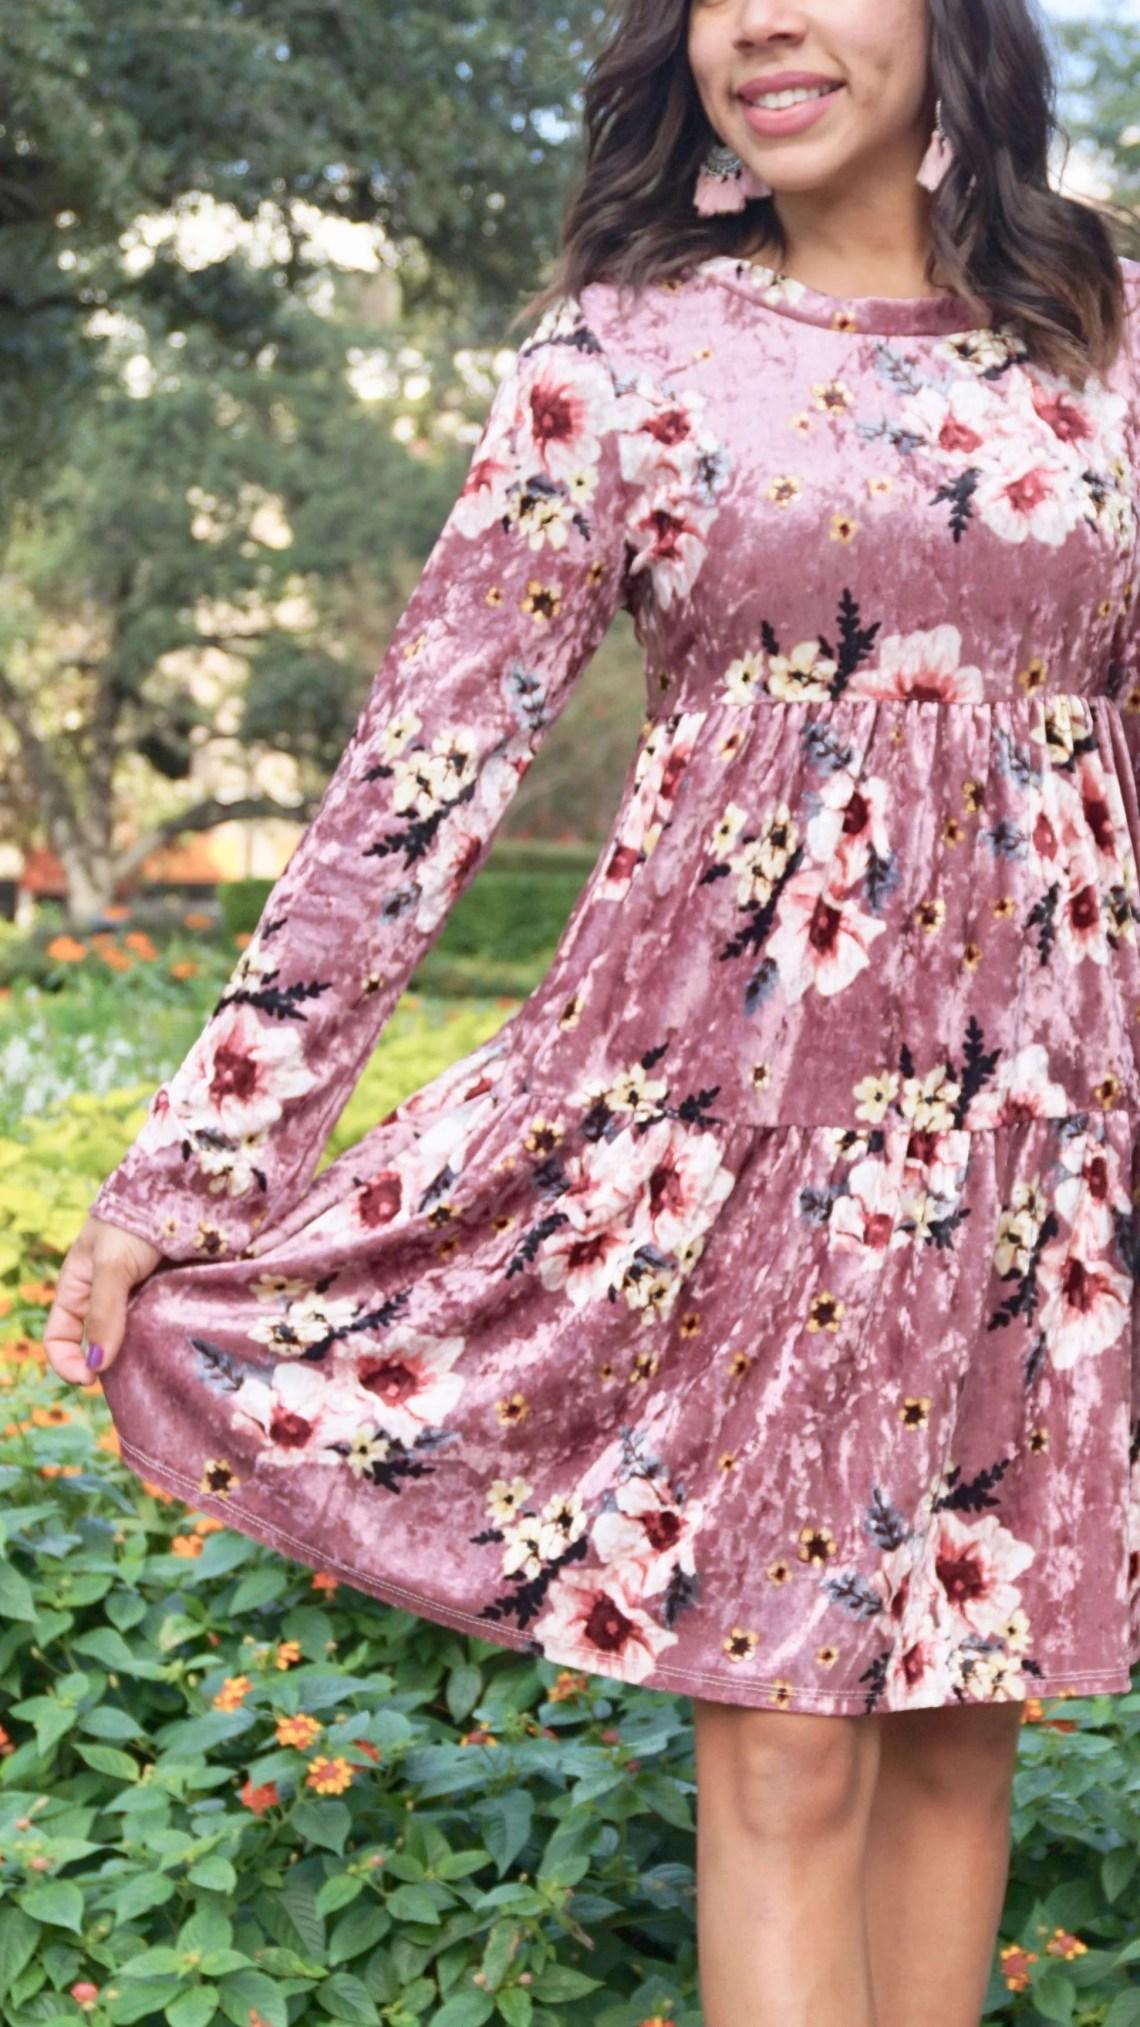 fashion styles, style inspiration, style, style, beauty & accessories, fashion, fashion style, fashion 2017, fashion illustration, fashion random, fashionista, fashion & lifestyle